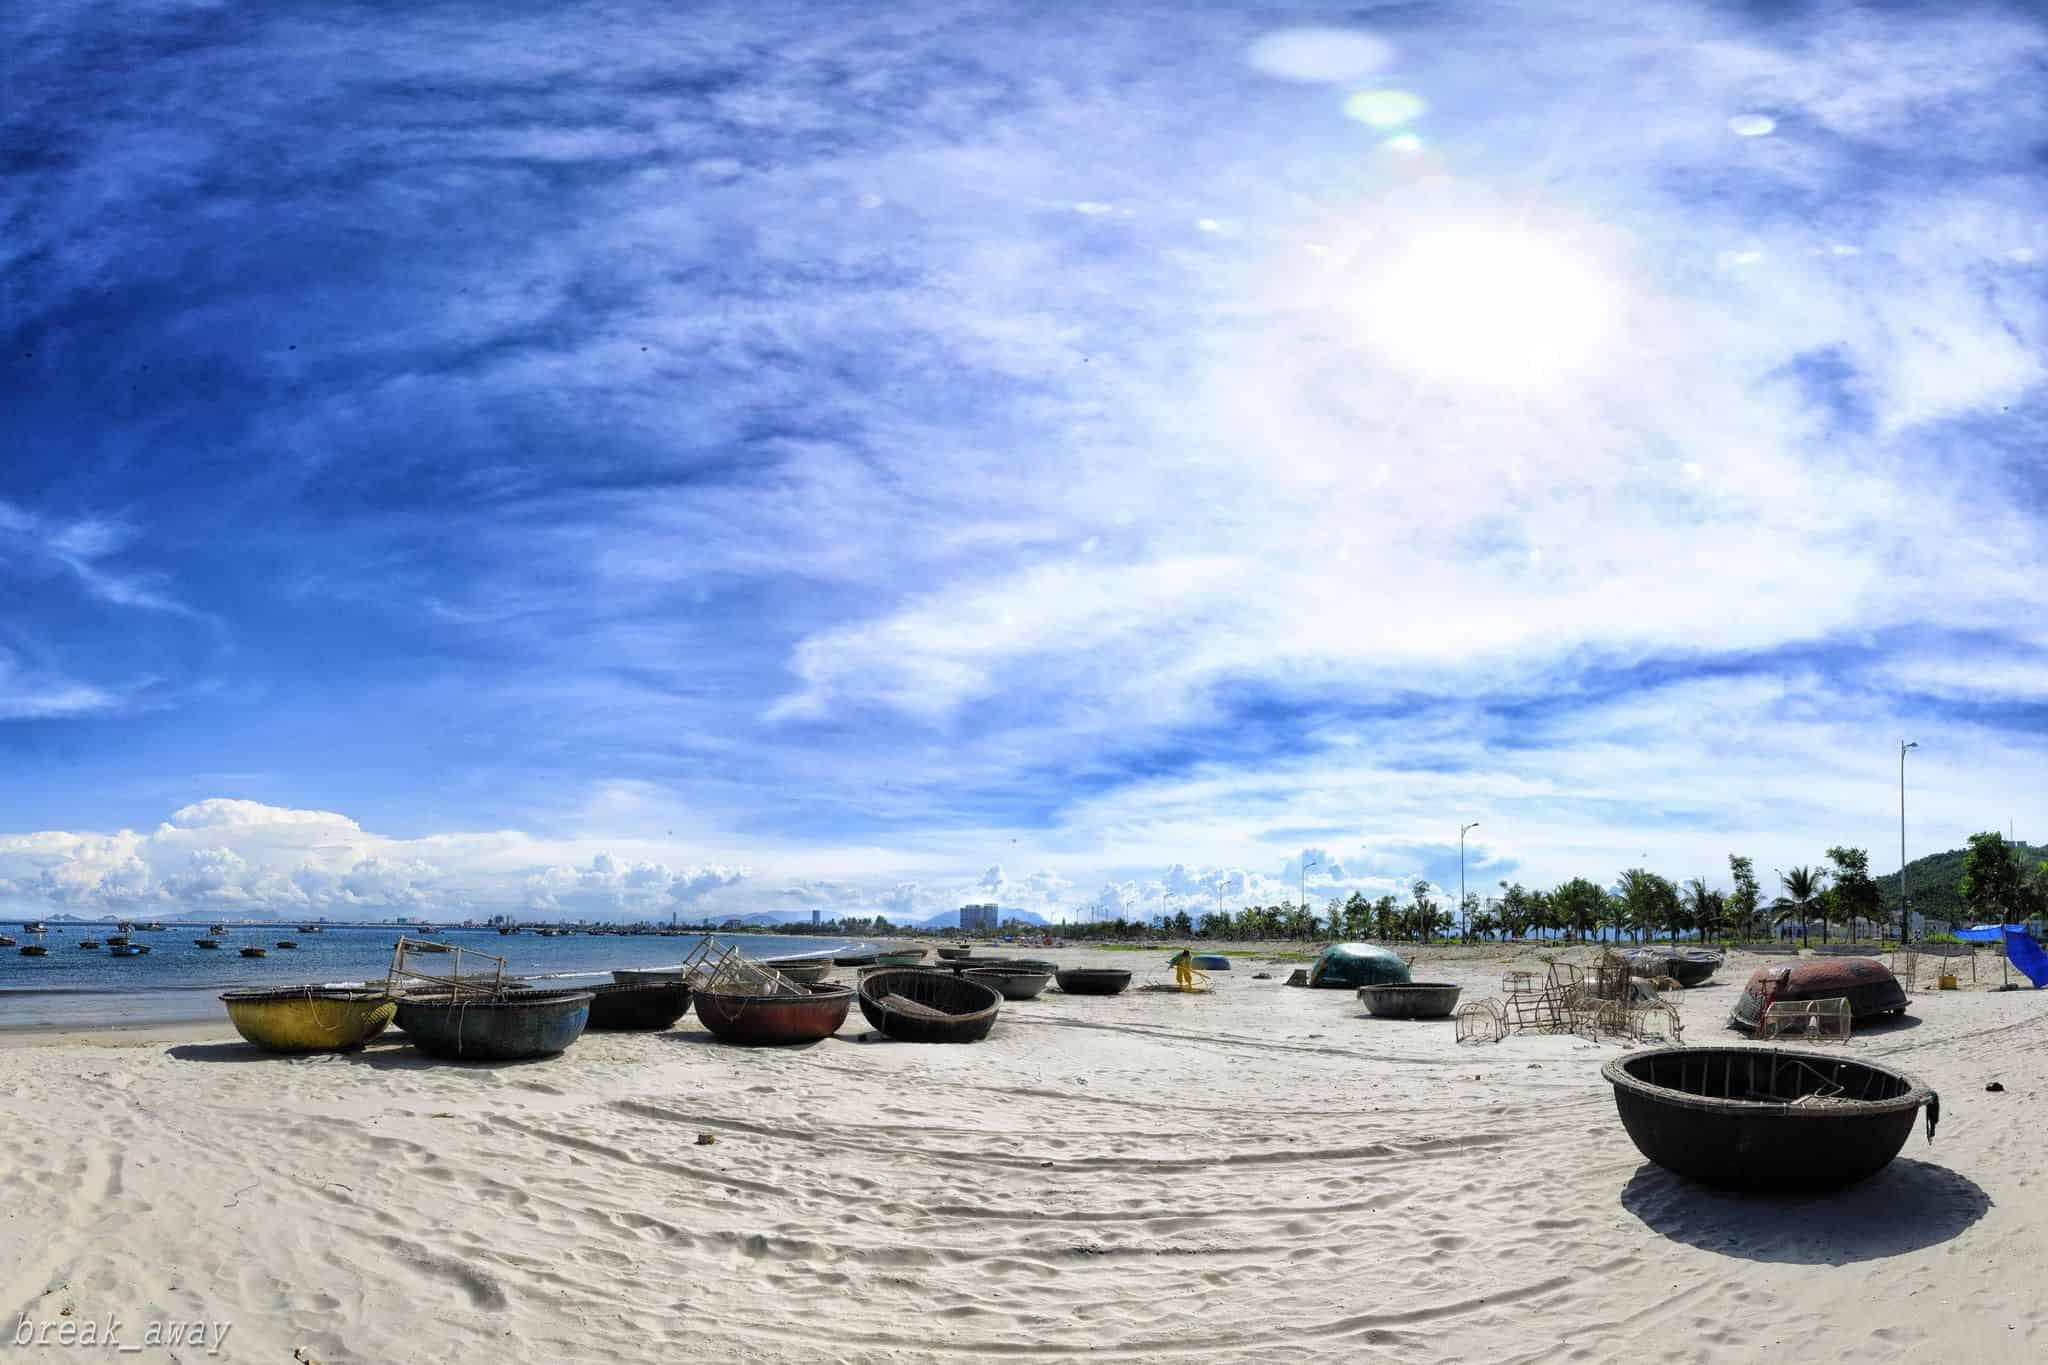 Vẻ đẹp tinh khôi quyến rũ của bãi biển (Ảnh: ST)